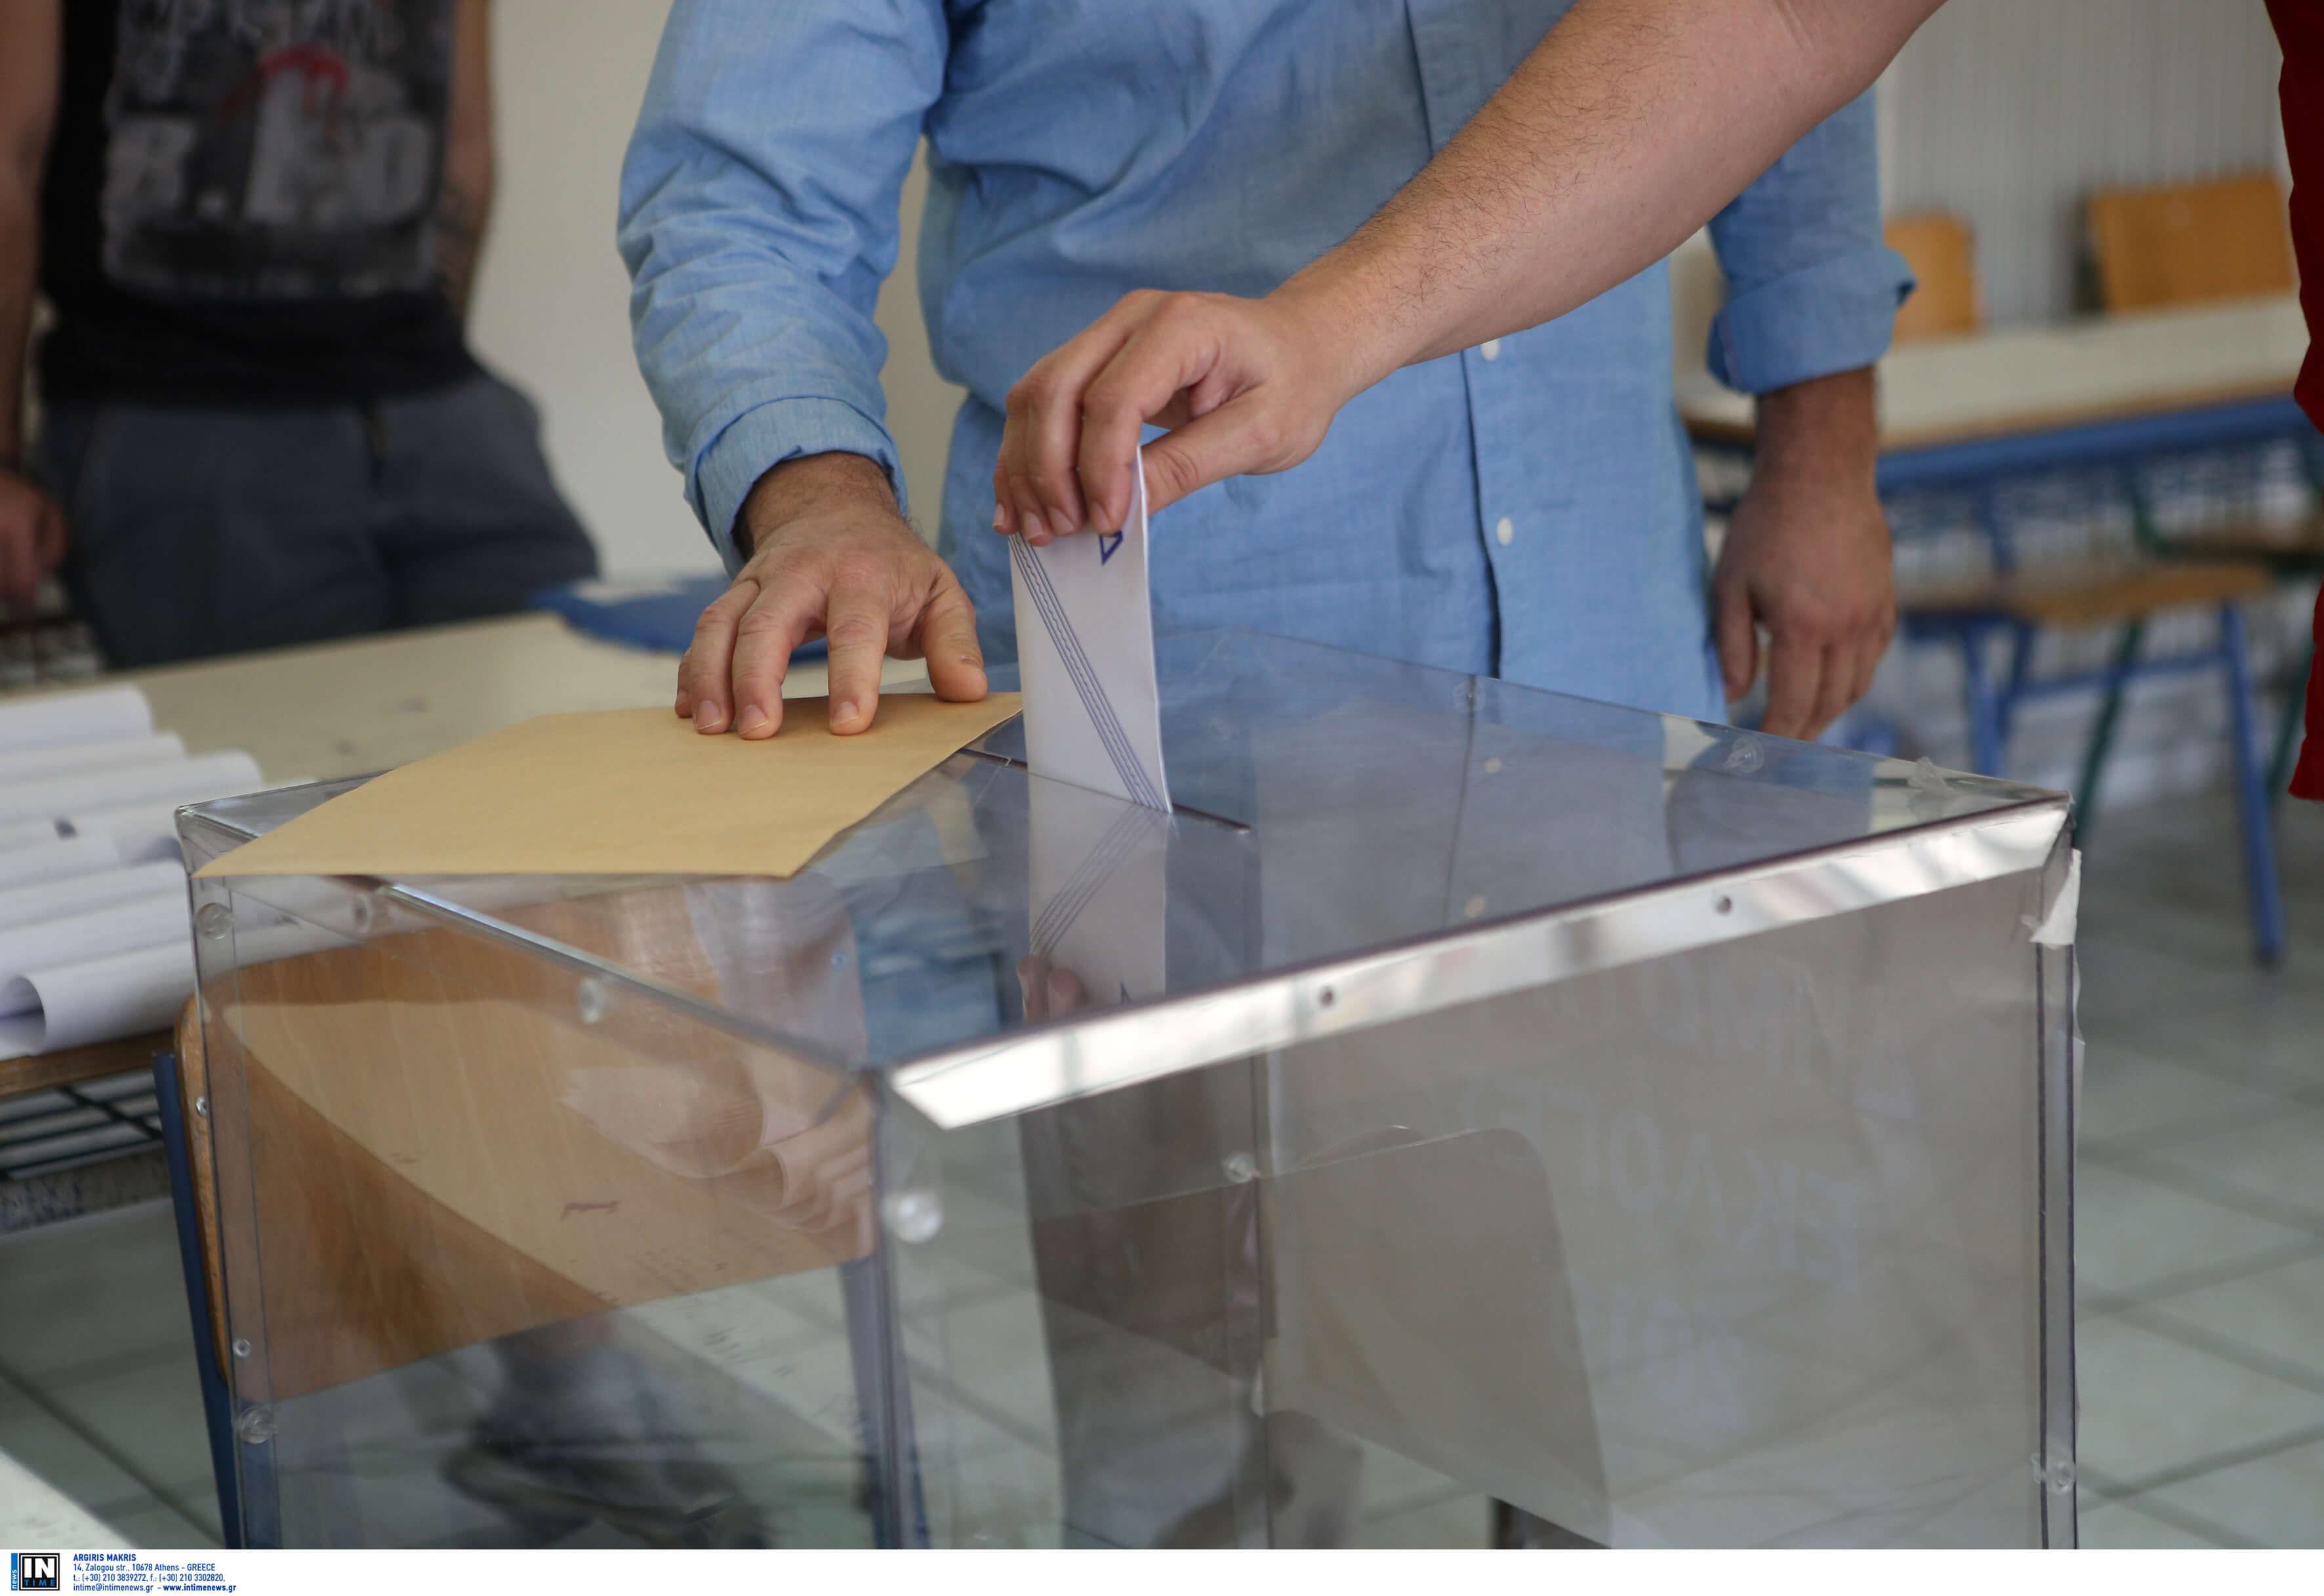 Βουλή: Τέλος η απλή αναλογική στην τοπική αυτοδιοίκηση – Κατατέθηκε ο νέος εκλογικός νόμος